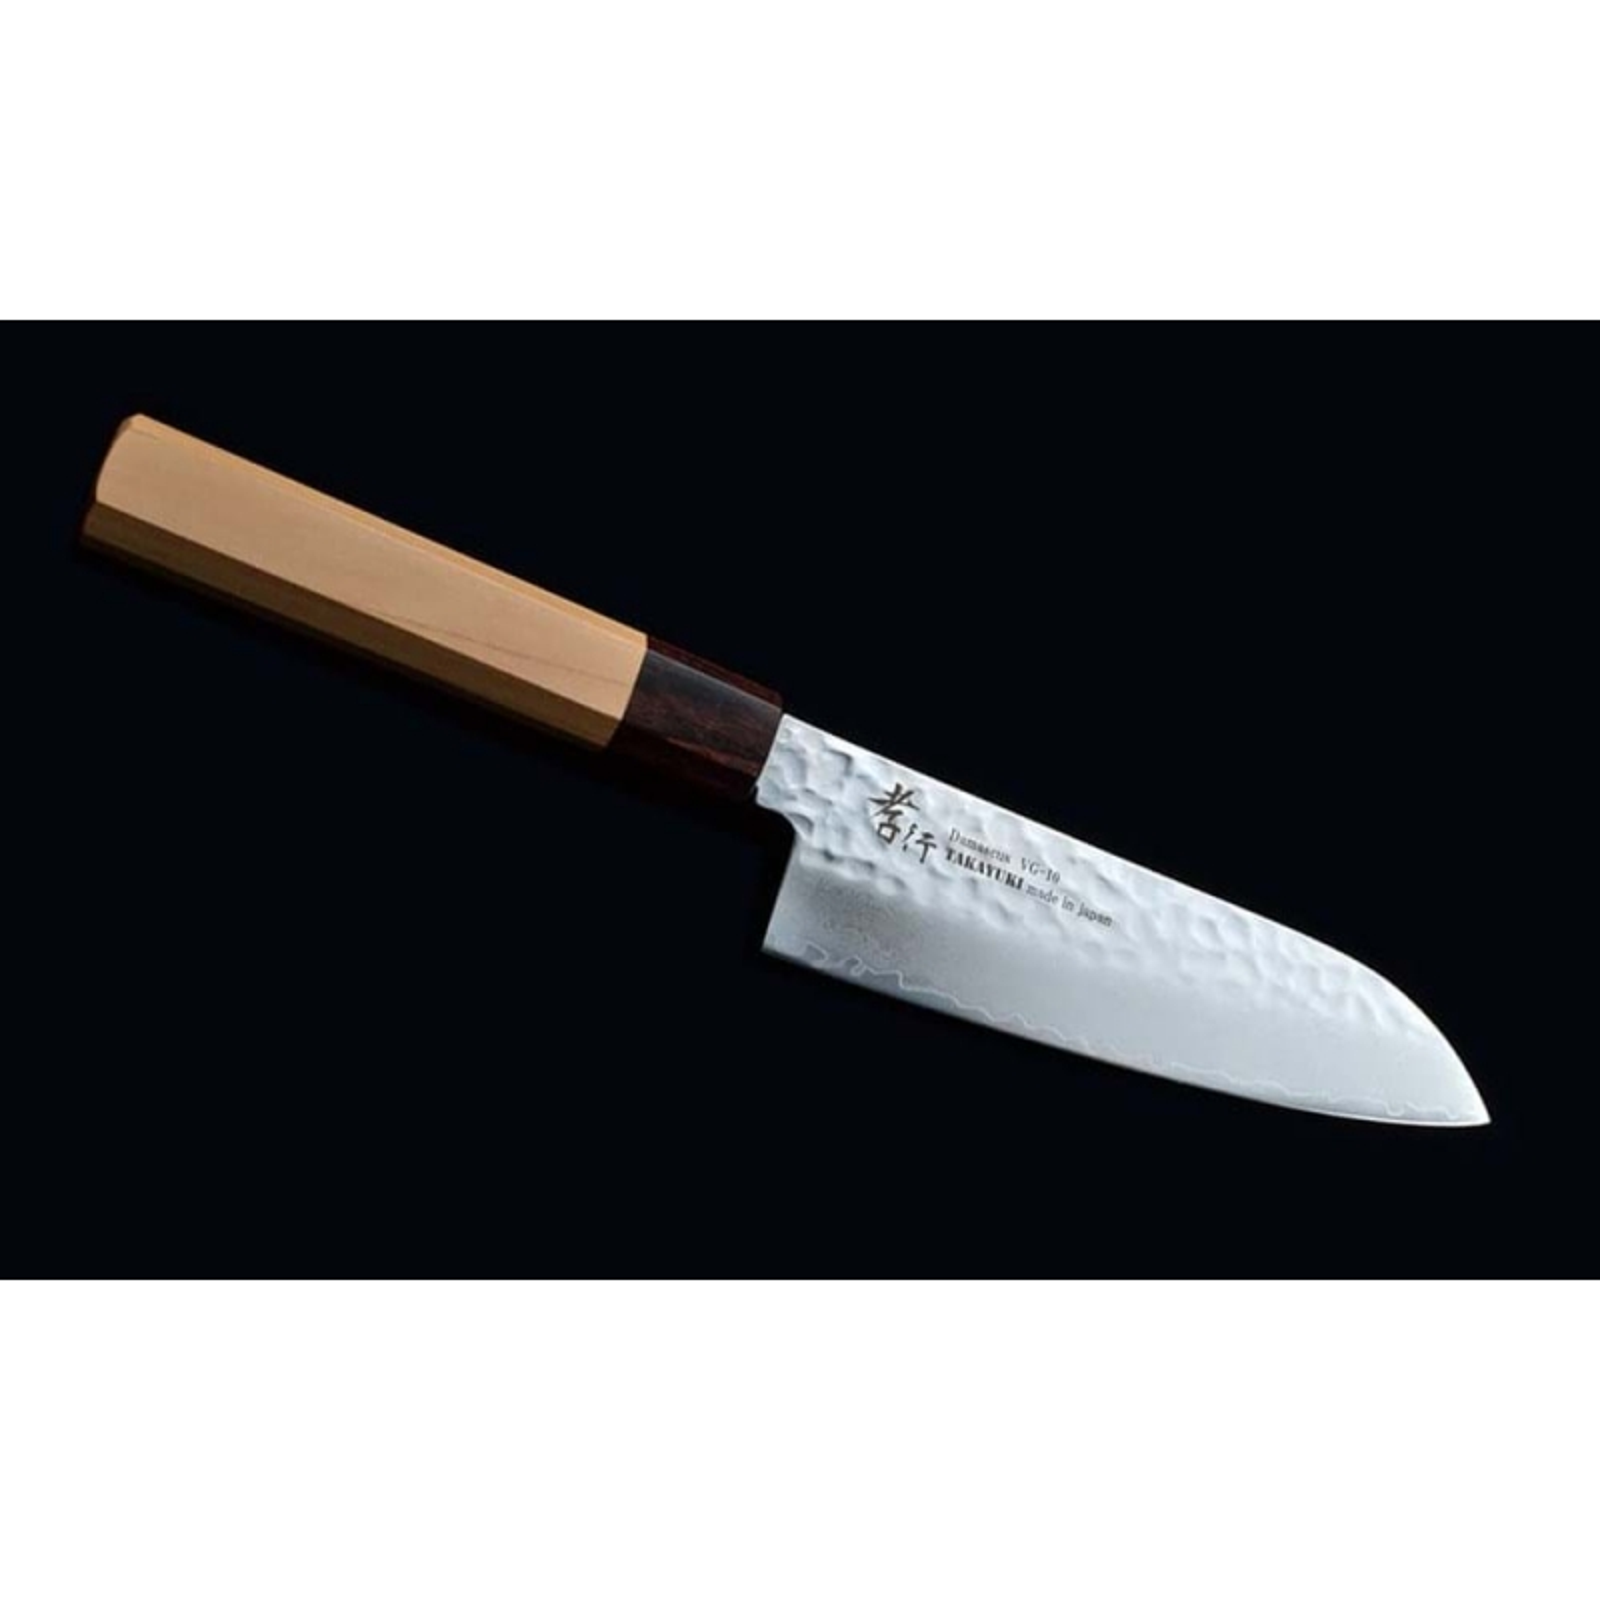 Sakai Takayuki Damascus 33 WA японский поварский нож САНТОКУ, 170 мм